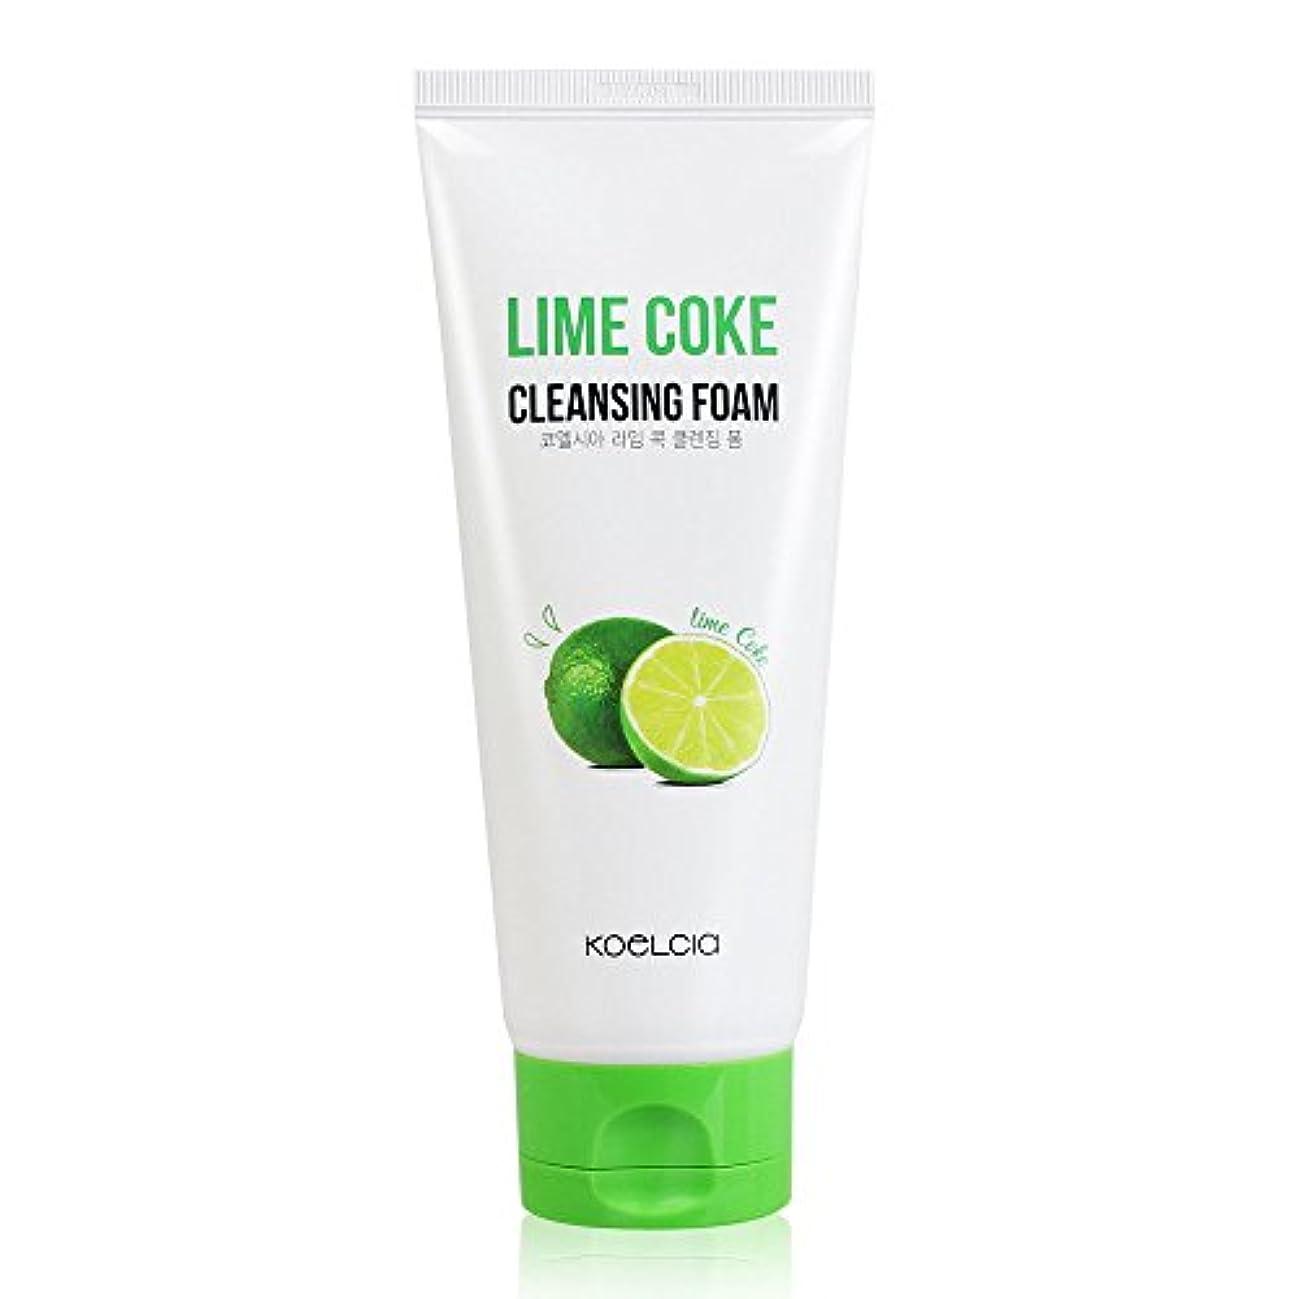 開発するマントルサスティーンKOELCIA Lime Coke Cleansing Foam 120ml/コエルシア ライム コーク クレンジングフォーム 120ml [並行輸入品]